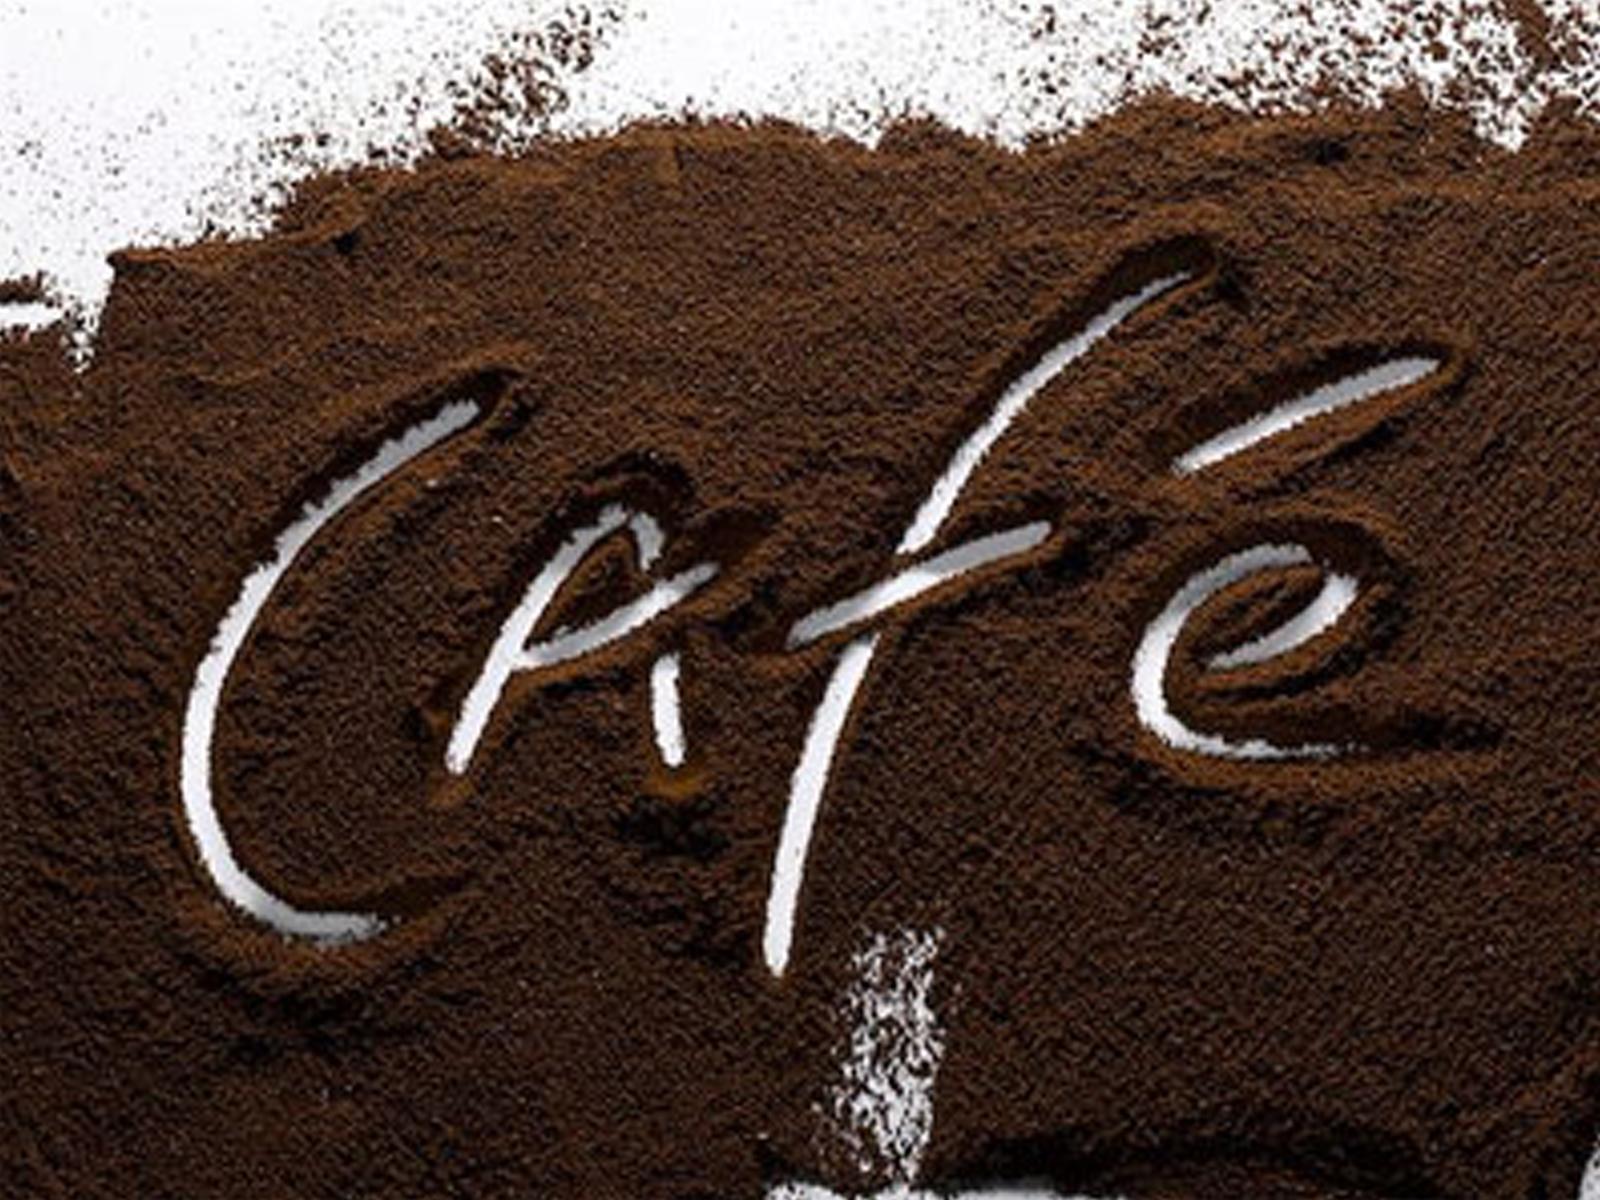 Bột cà phê nguyên chất có khối lượng riêng khá nhỏ.